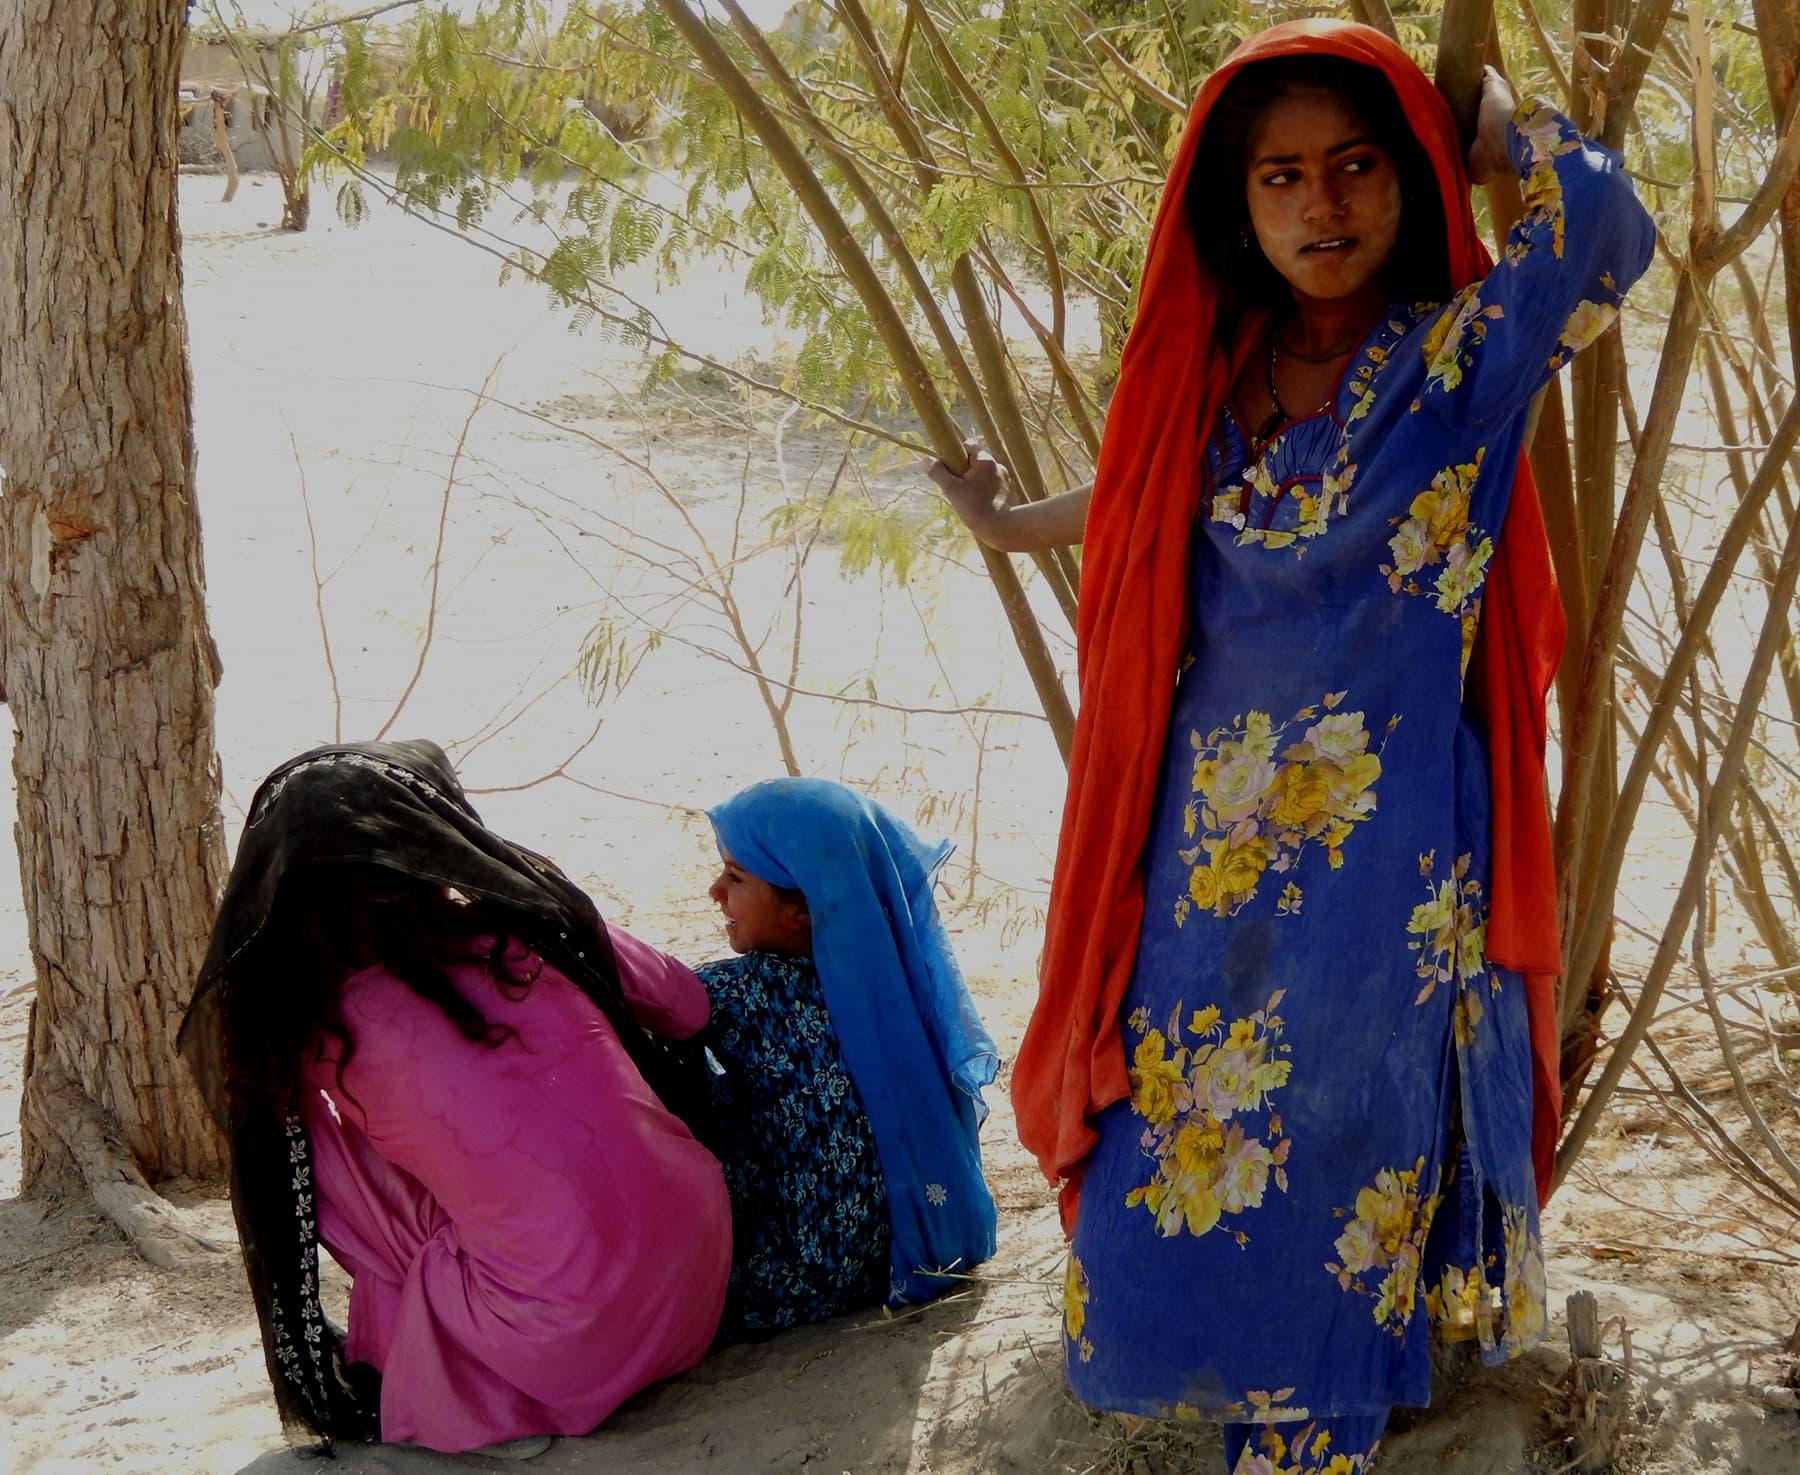 کلانکر جھیل کے قریب کھڑی ایک لڑکی—تصویر ابوبکر شیخ